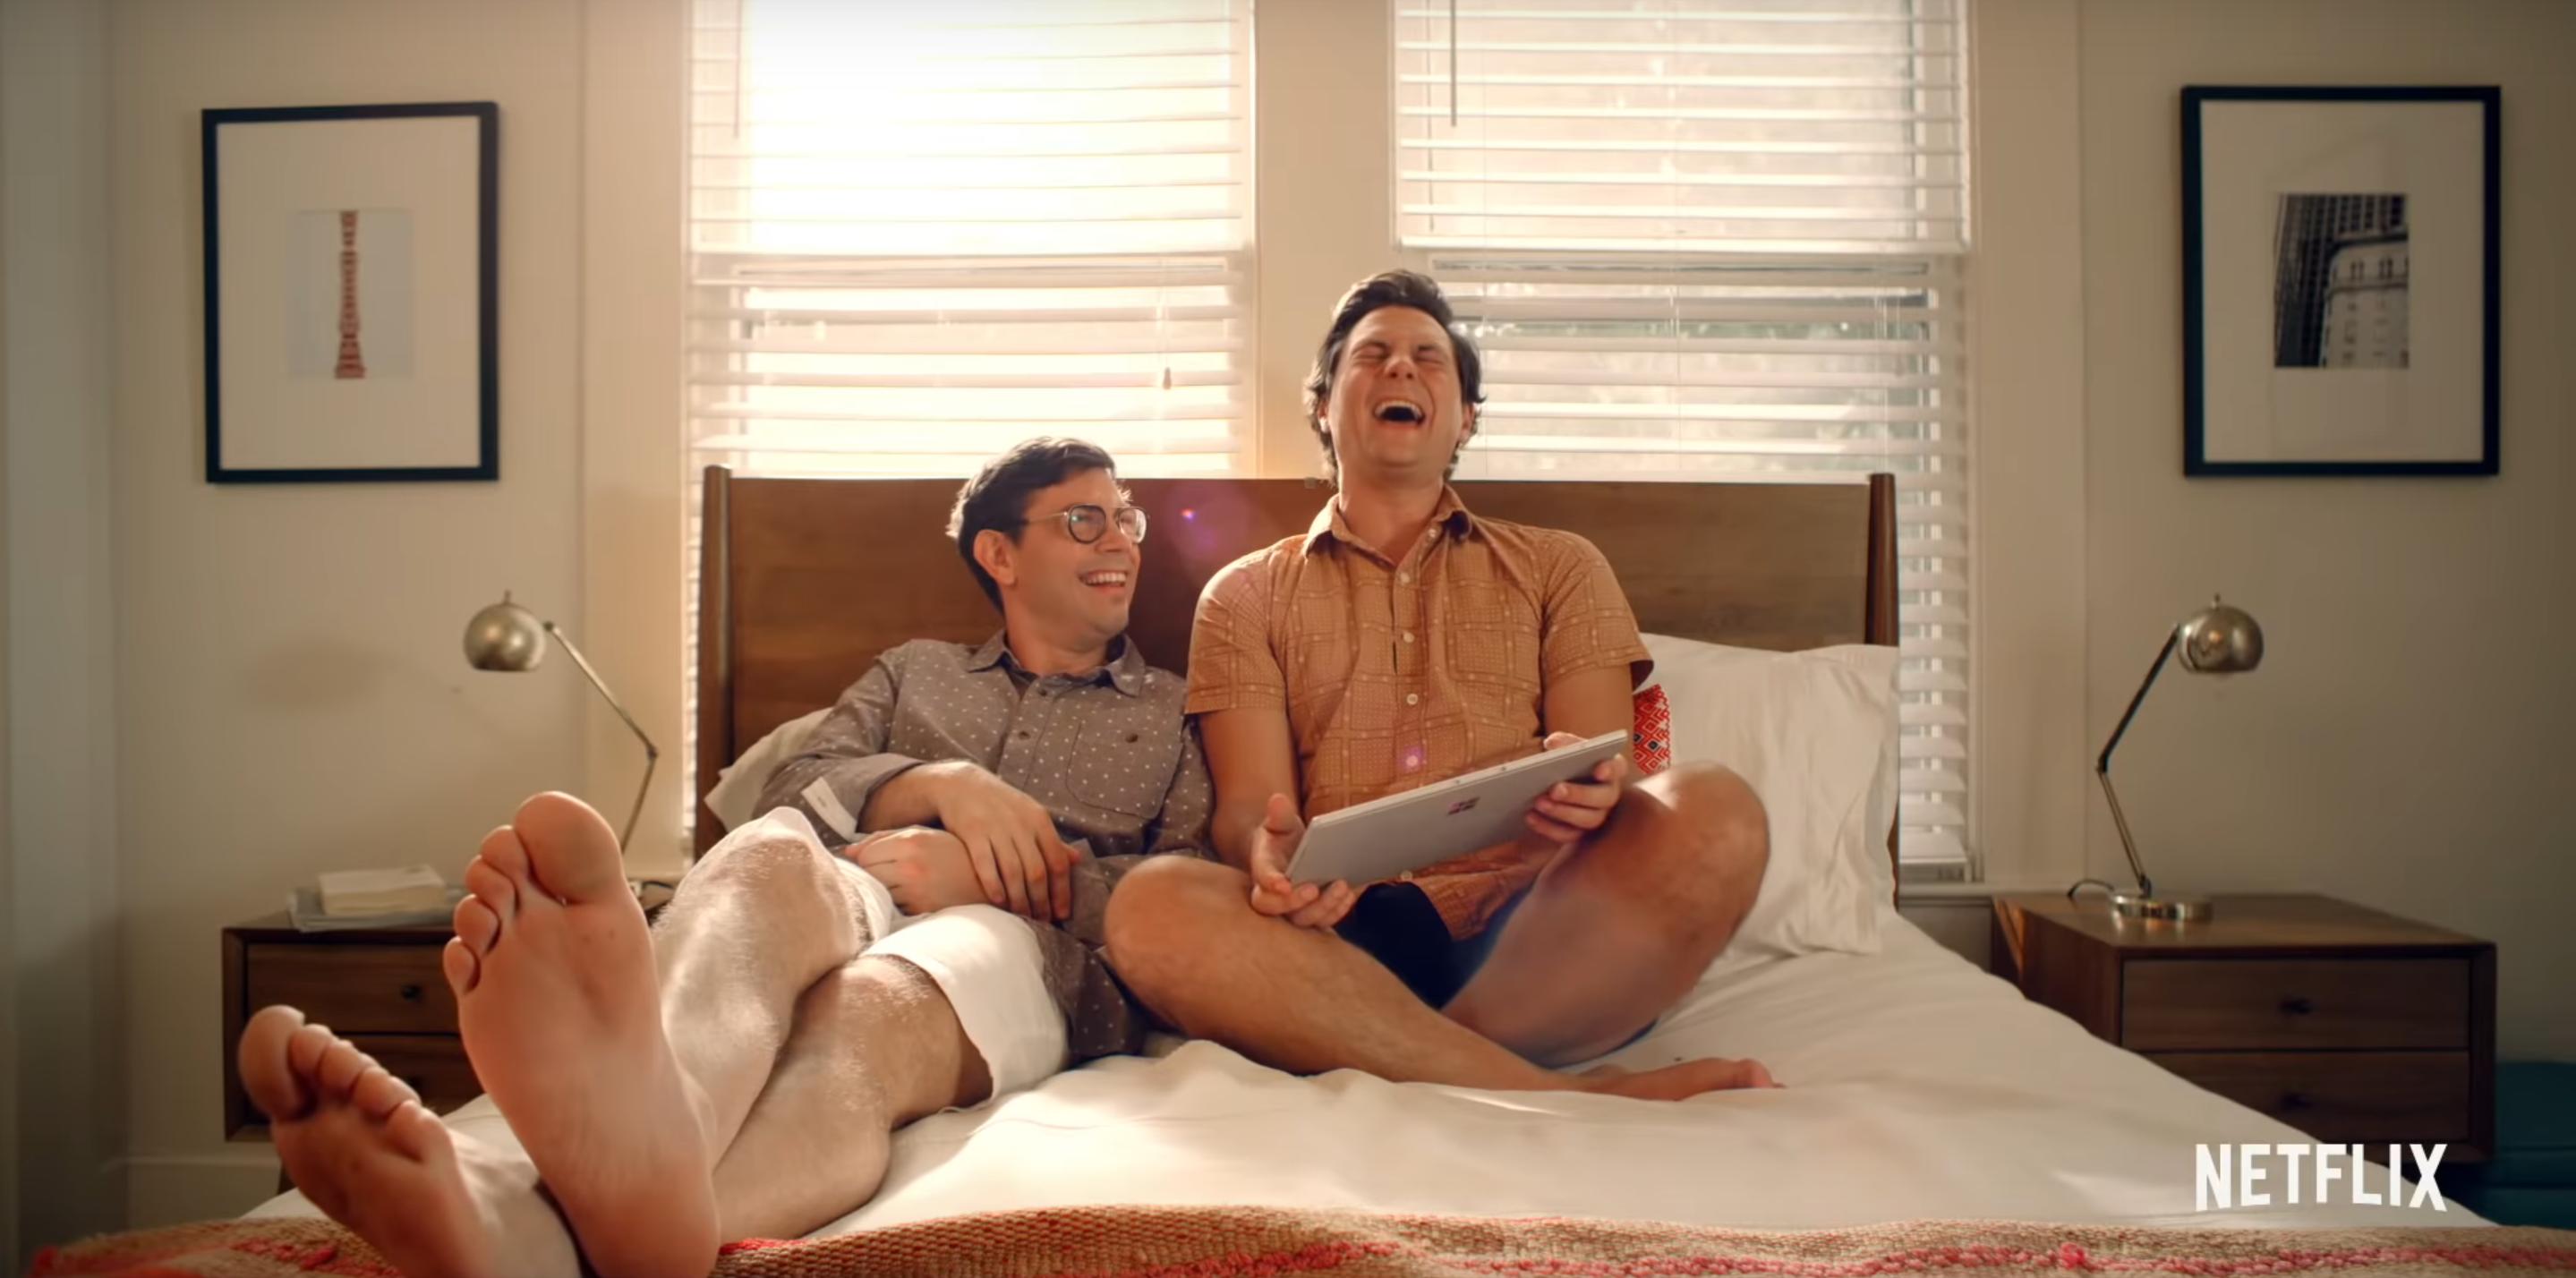 İzleyin: Netflix'in Yeni Dizisi, Serebral Palsi Hastası Eşcinsel Bir Erkeği Anlatıyor